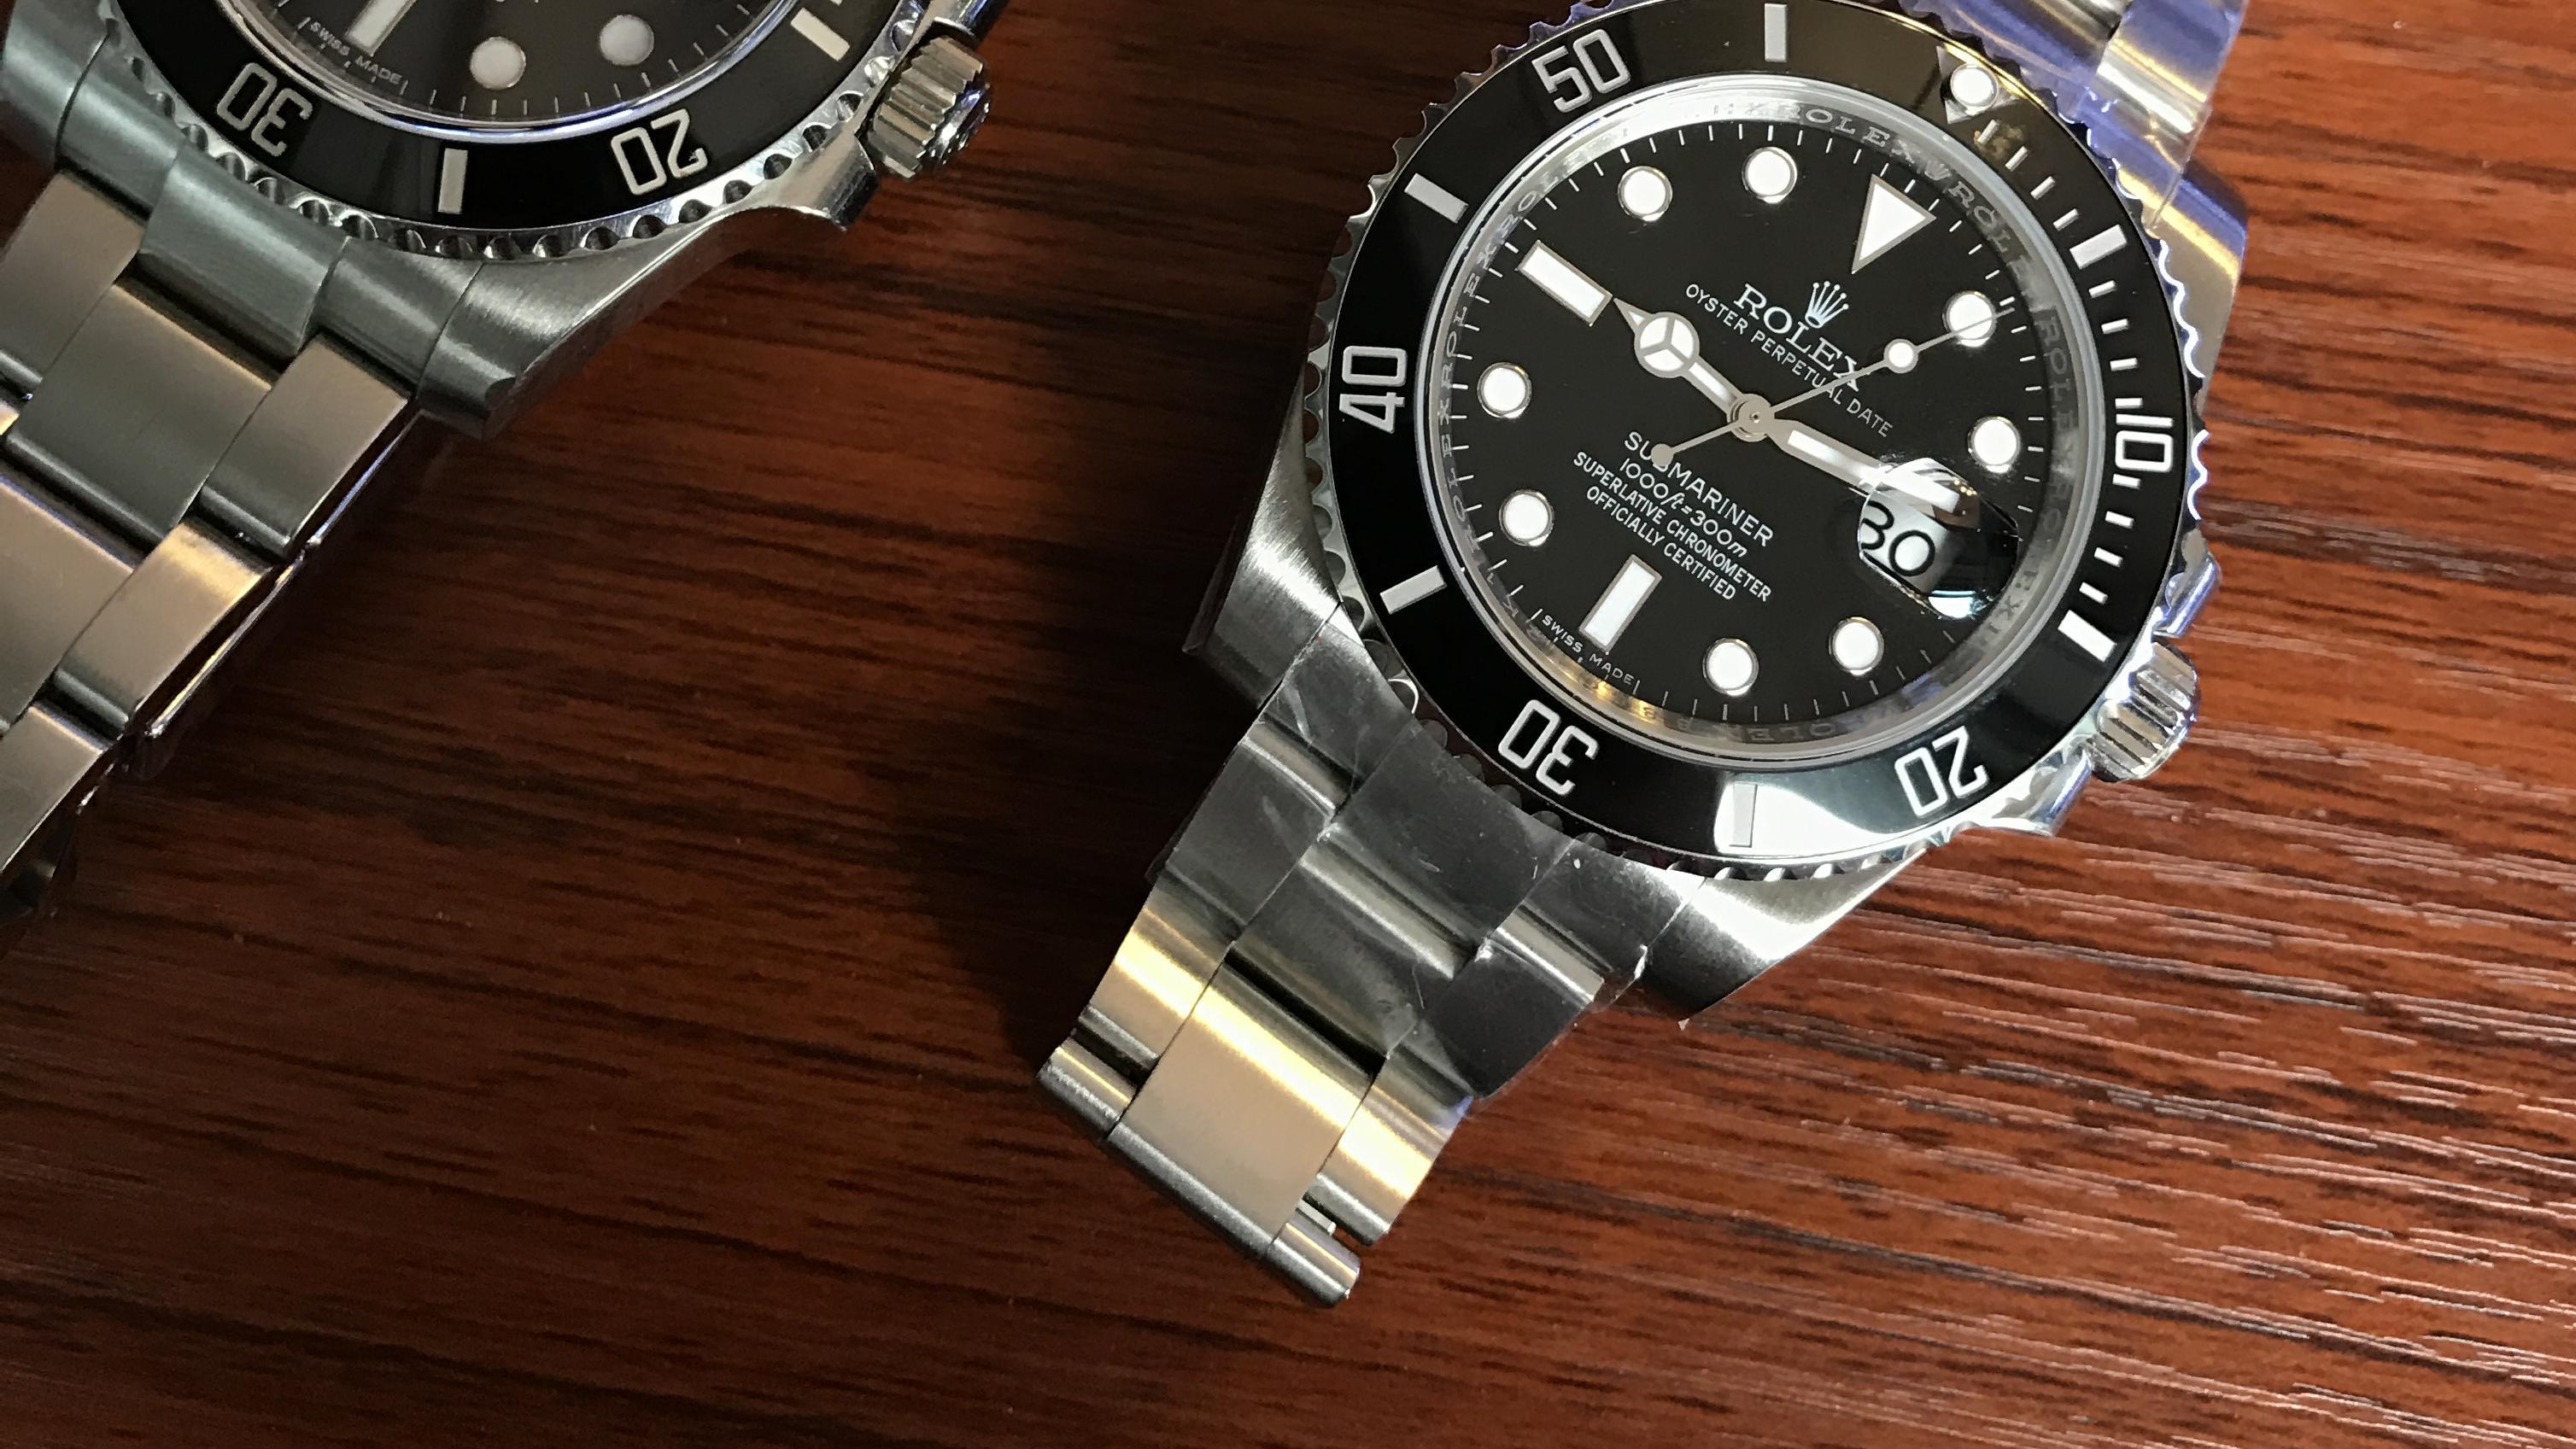 瑞士,无人问津原版,瑞士,产业,手表,细节